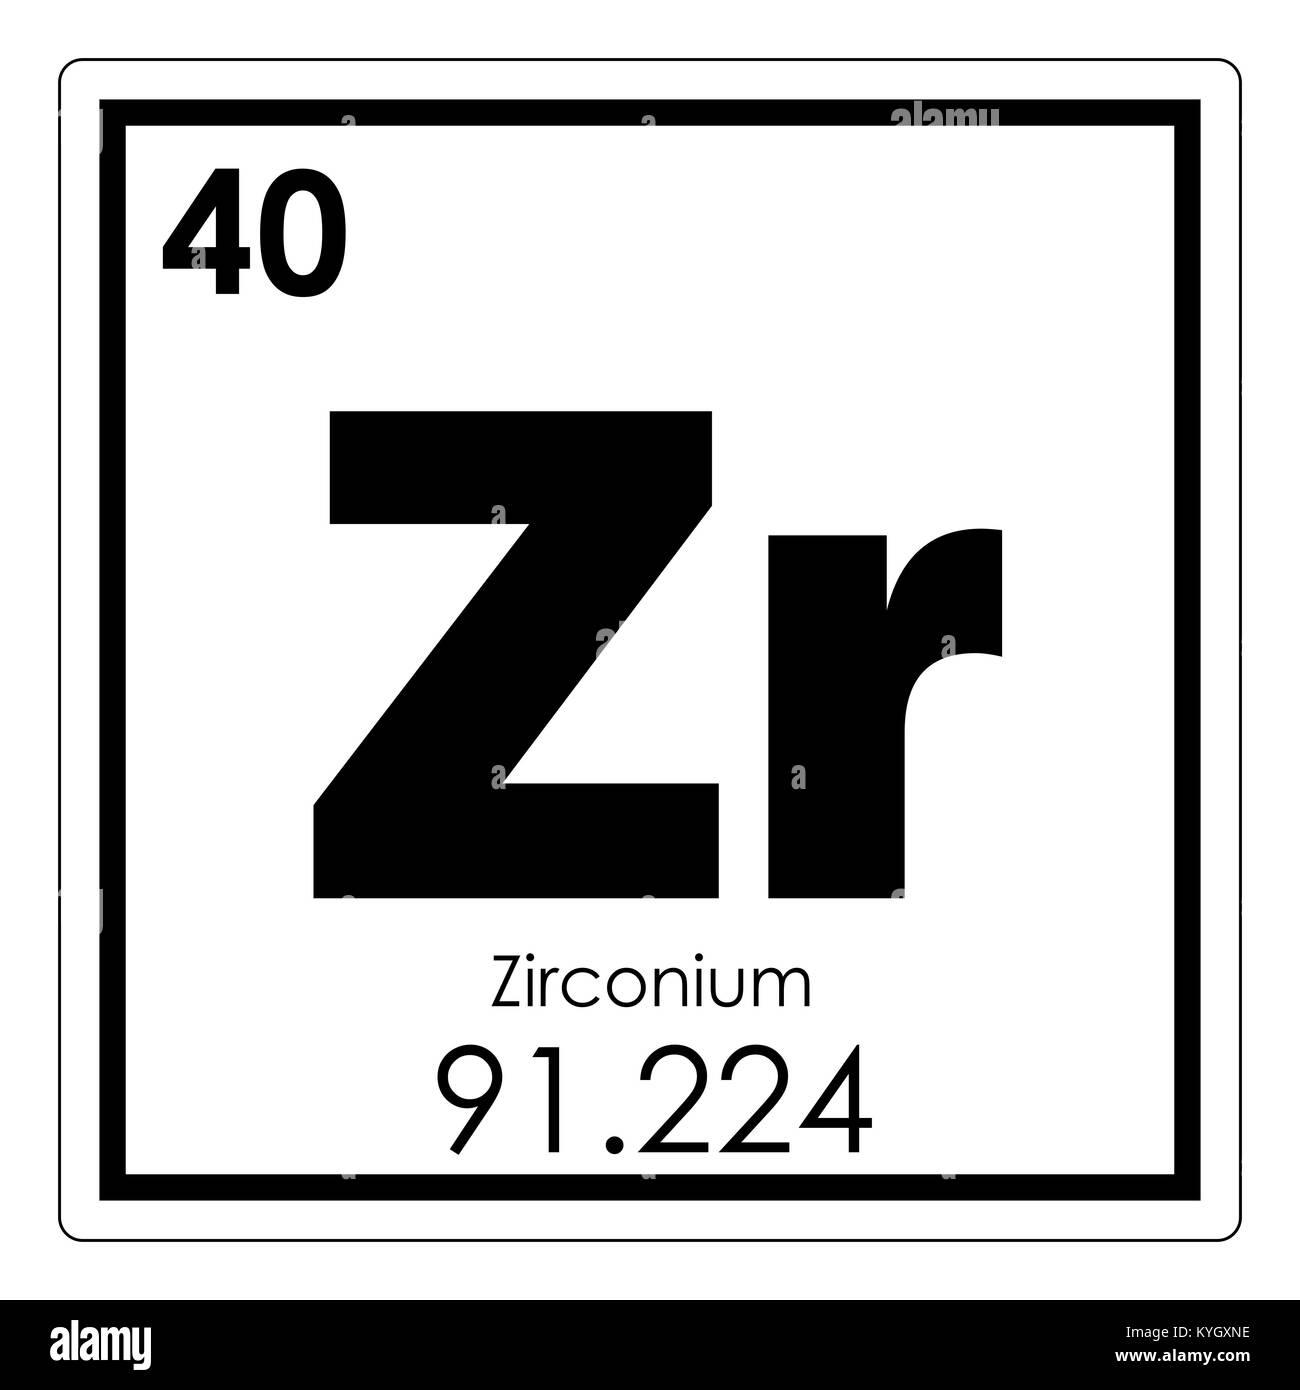 Tabla peridica de elementos qumicos de circonio smbolo de ciencia tabla peridica de elementos qumicos de circonio smbolo de ciencia urtaz Choice Image